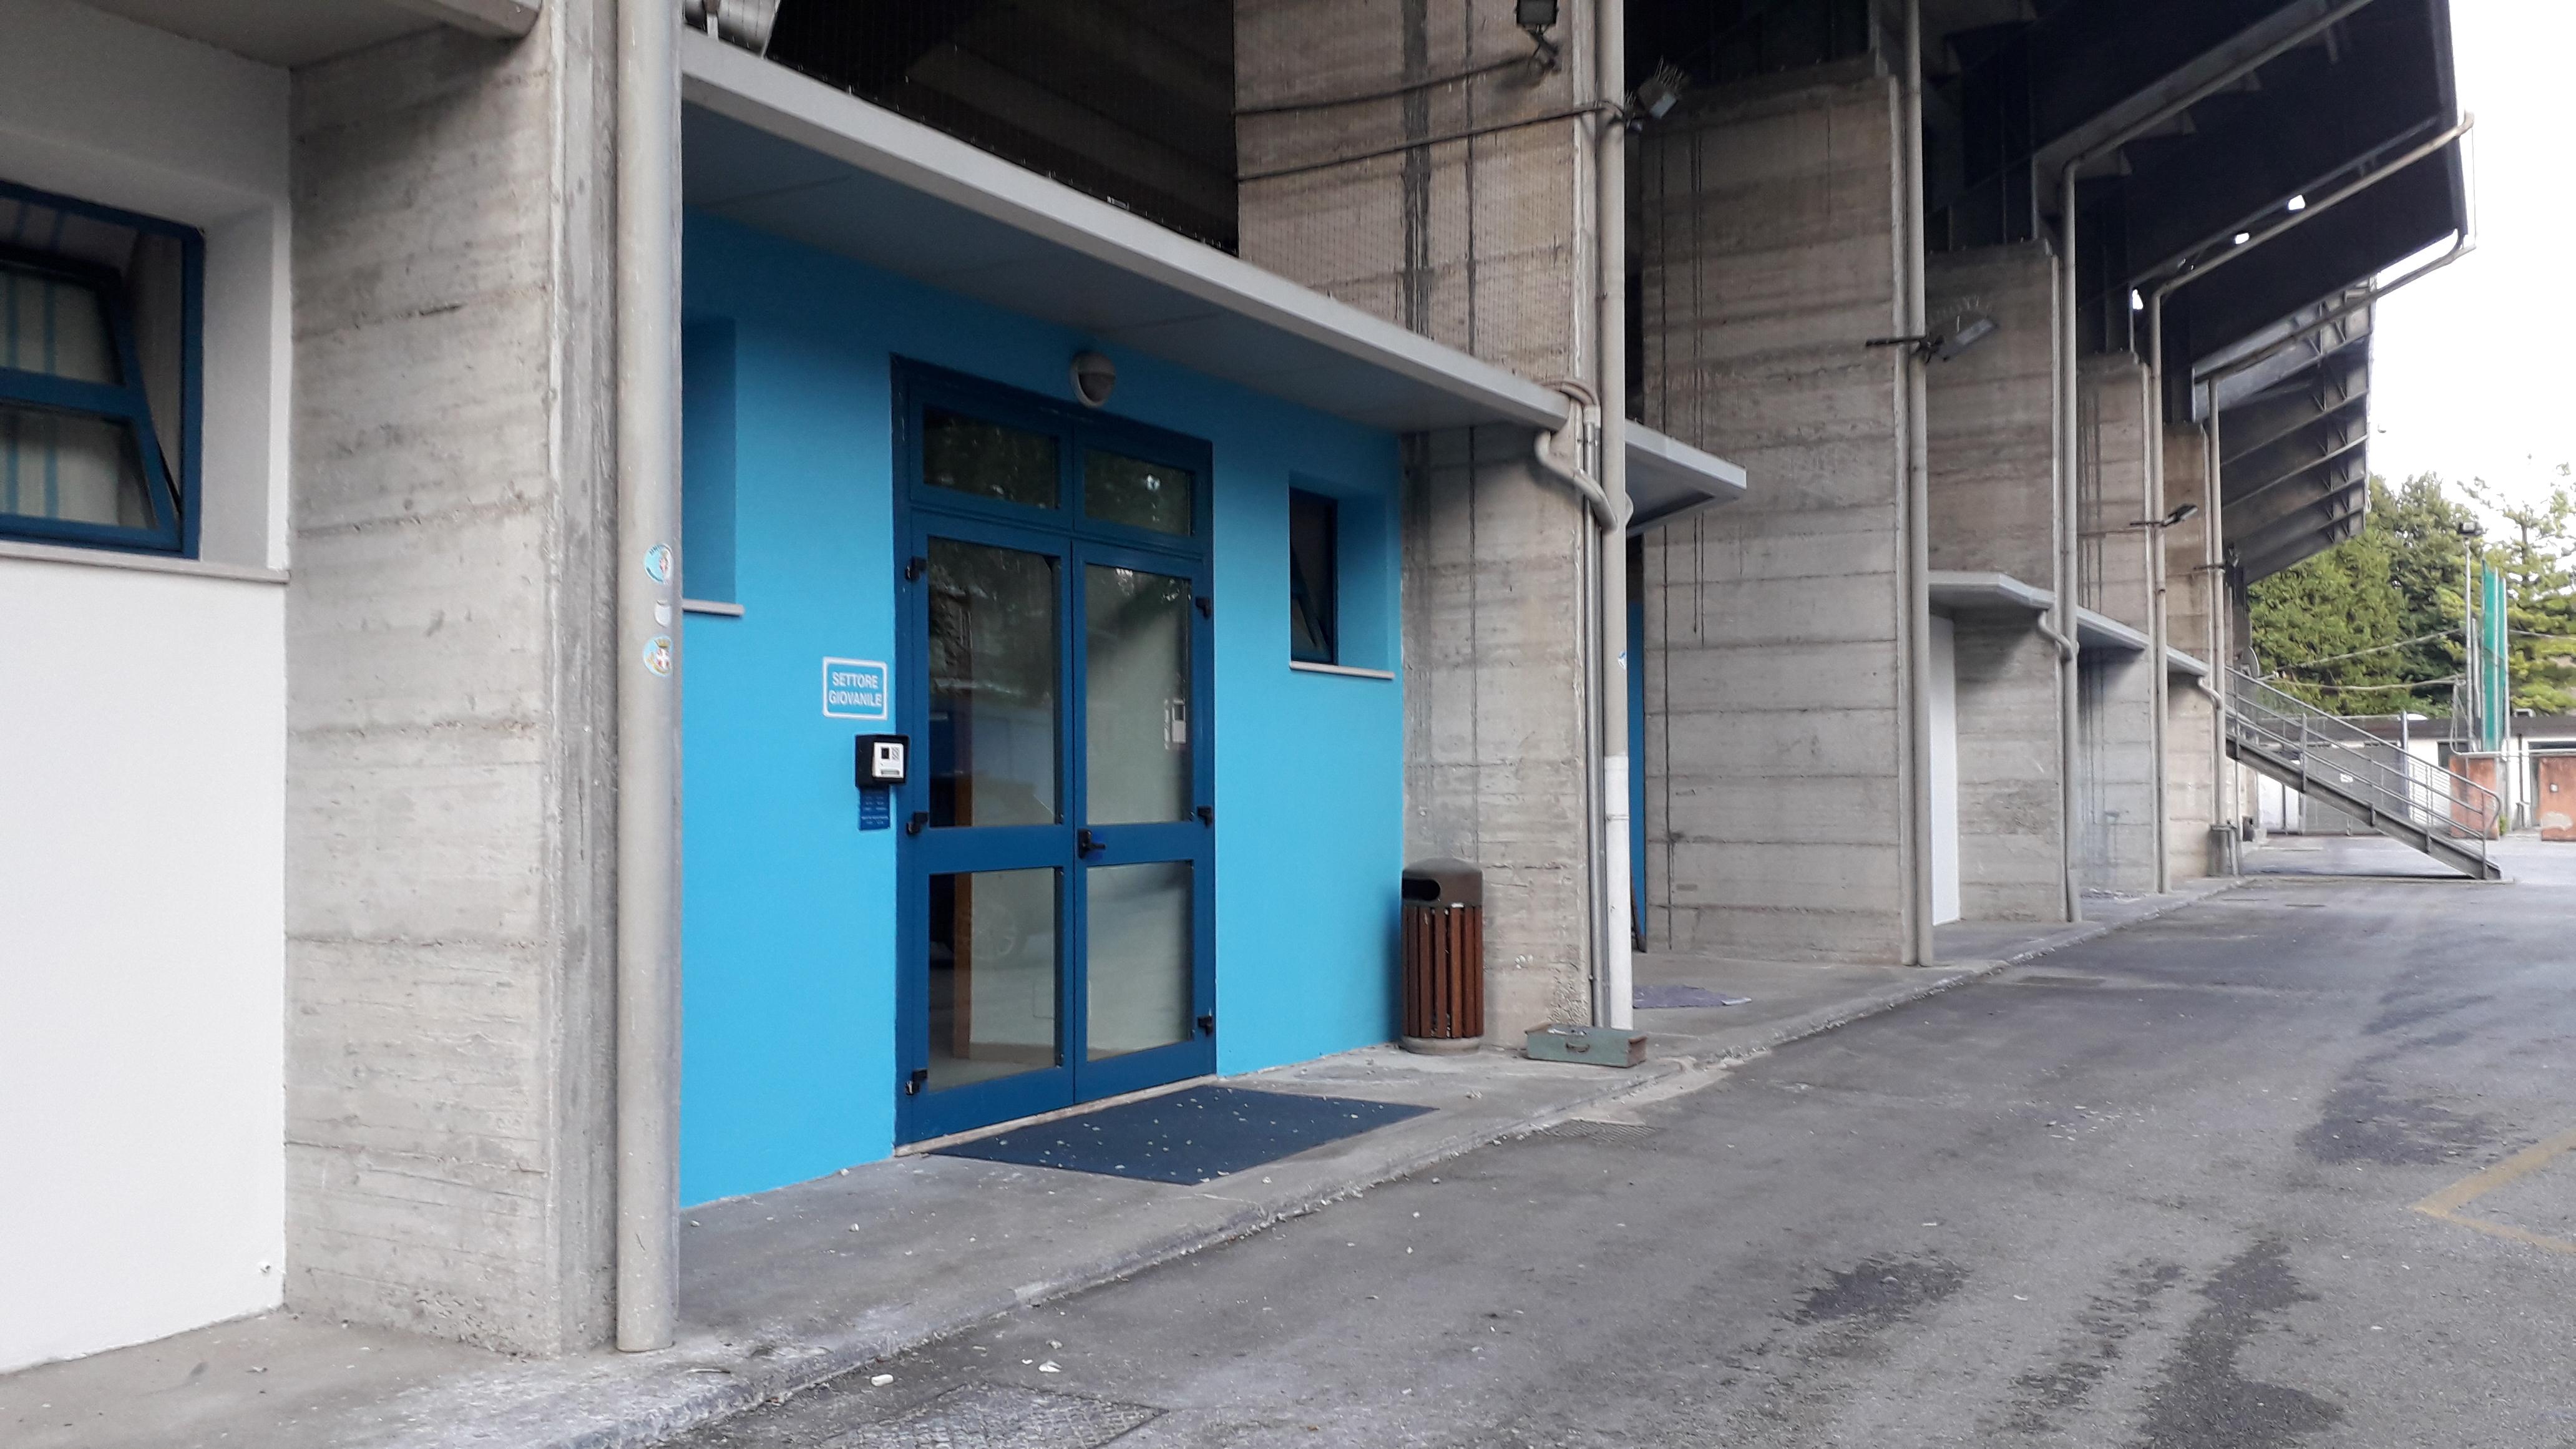 Un tocco di biancoceleste per gli uffici collocati sotto la tribuna del Tenni